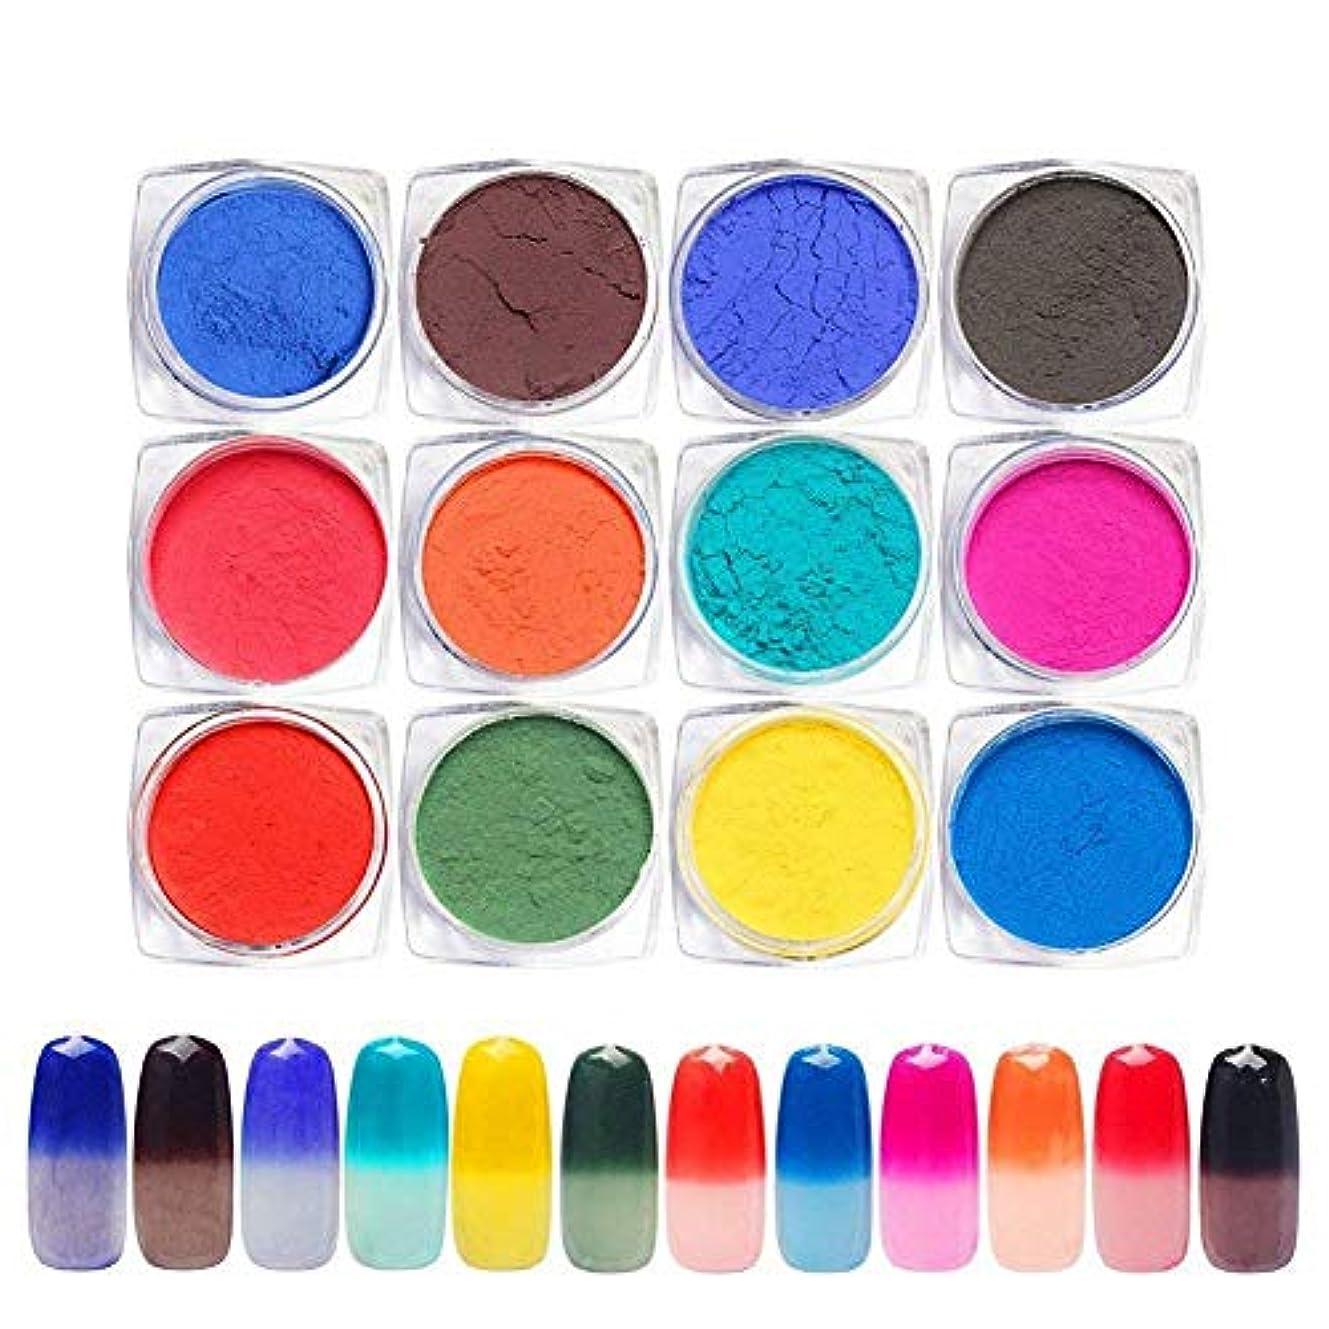 リー効率的シャワー12色セット 温度によって色が変わるパウダー 変色ネイルパウダー ネイルパーツ ジェルネイル ネイルアート1g入り